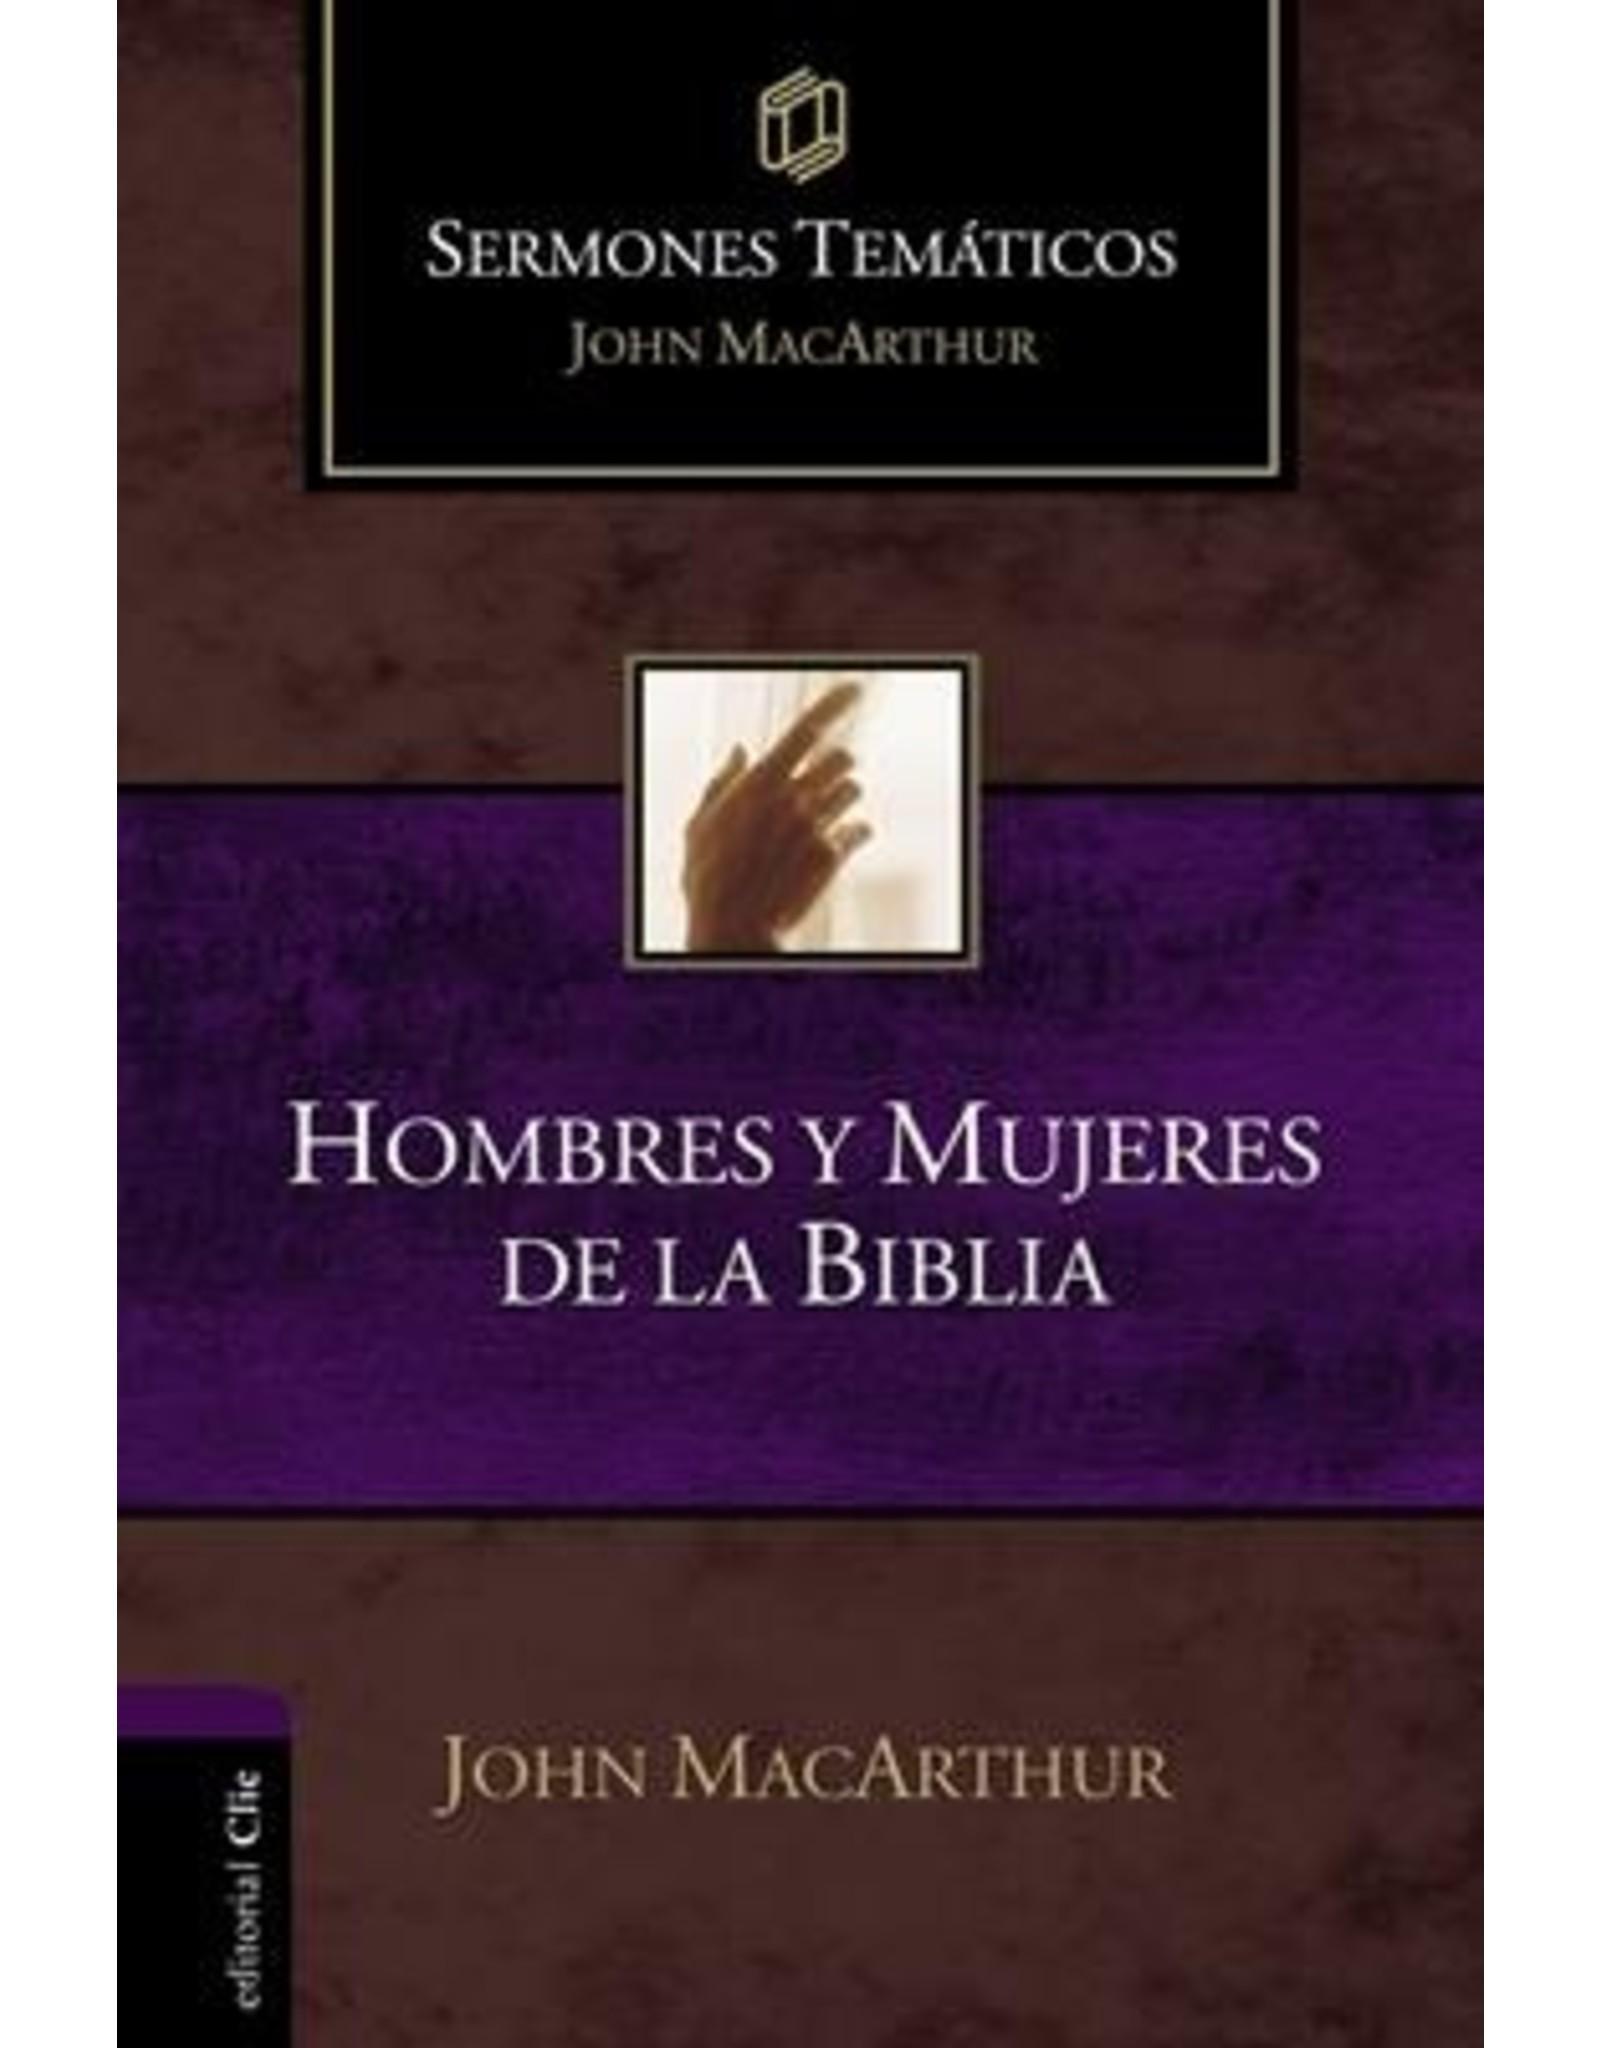 Harper Collins / Thomas Nelson / Zondervan Hombres y mujeres de la Biblia (Sermones temáticos MacArthur)